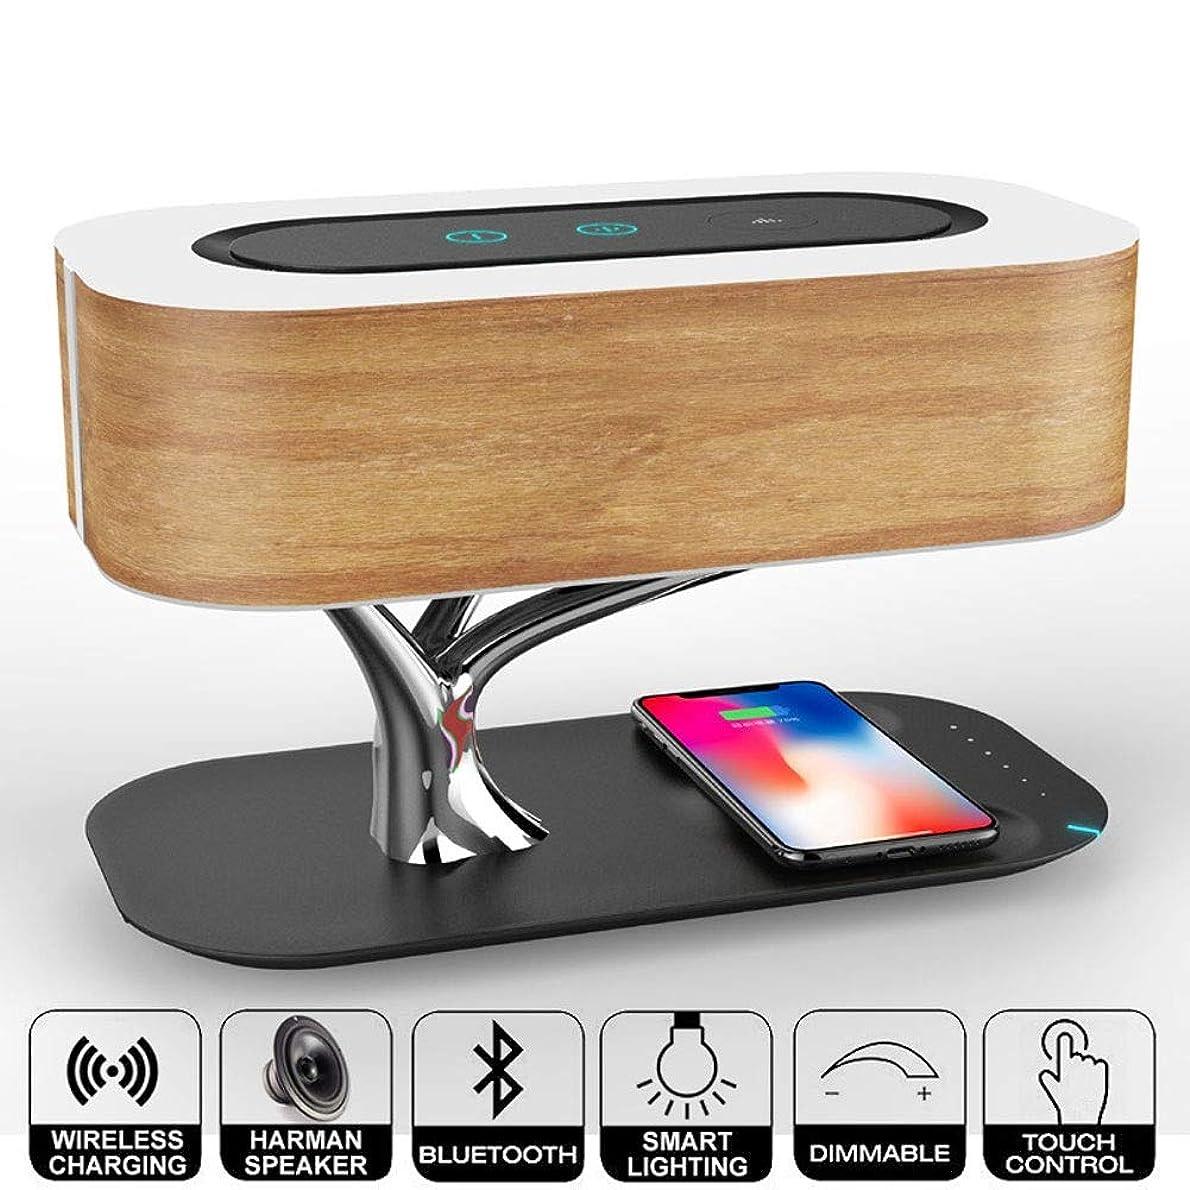 マンモスハンサム読みやすさ1ワイヤレス充電(Bluetoothスピーカー+ベッドサイドランプ+ワイヤレス充電)に付き携帯電話ワイヤレス充電器3、無段階調光ベッドヘッドアンビエントライトスピーカー携帯電話ワイヤレス充電